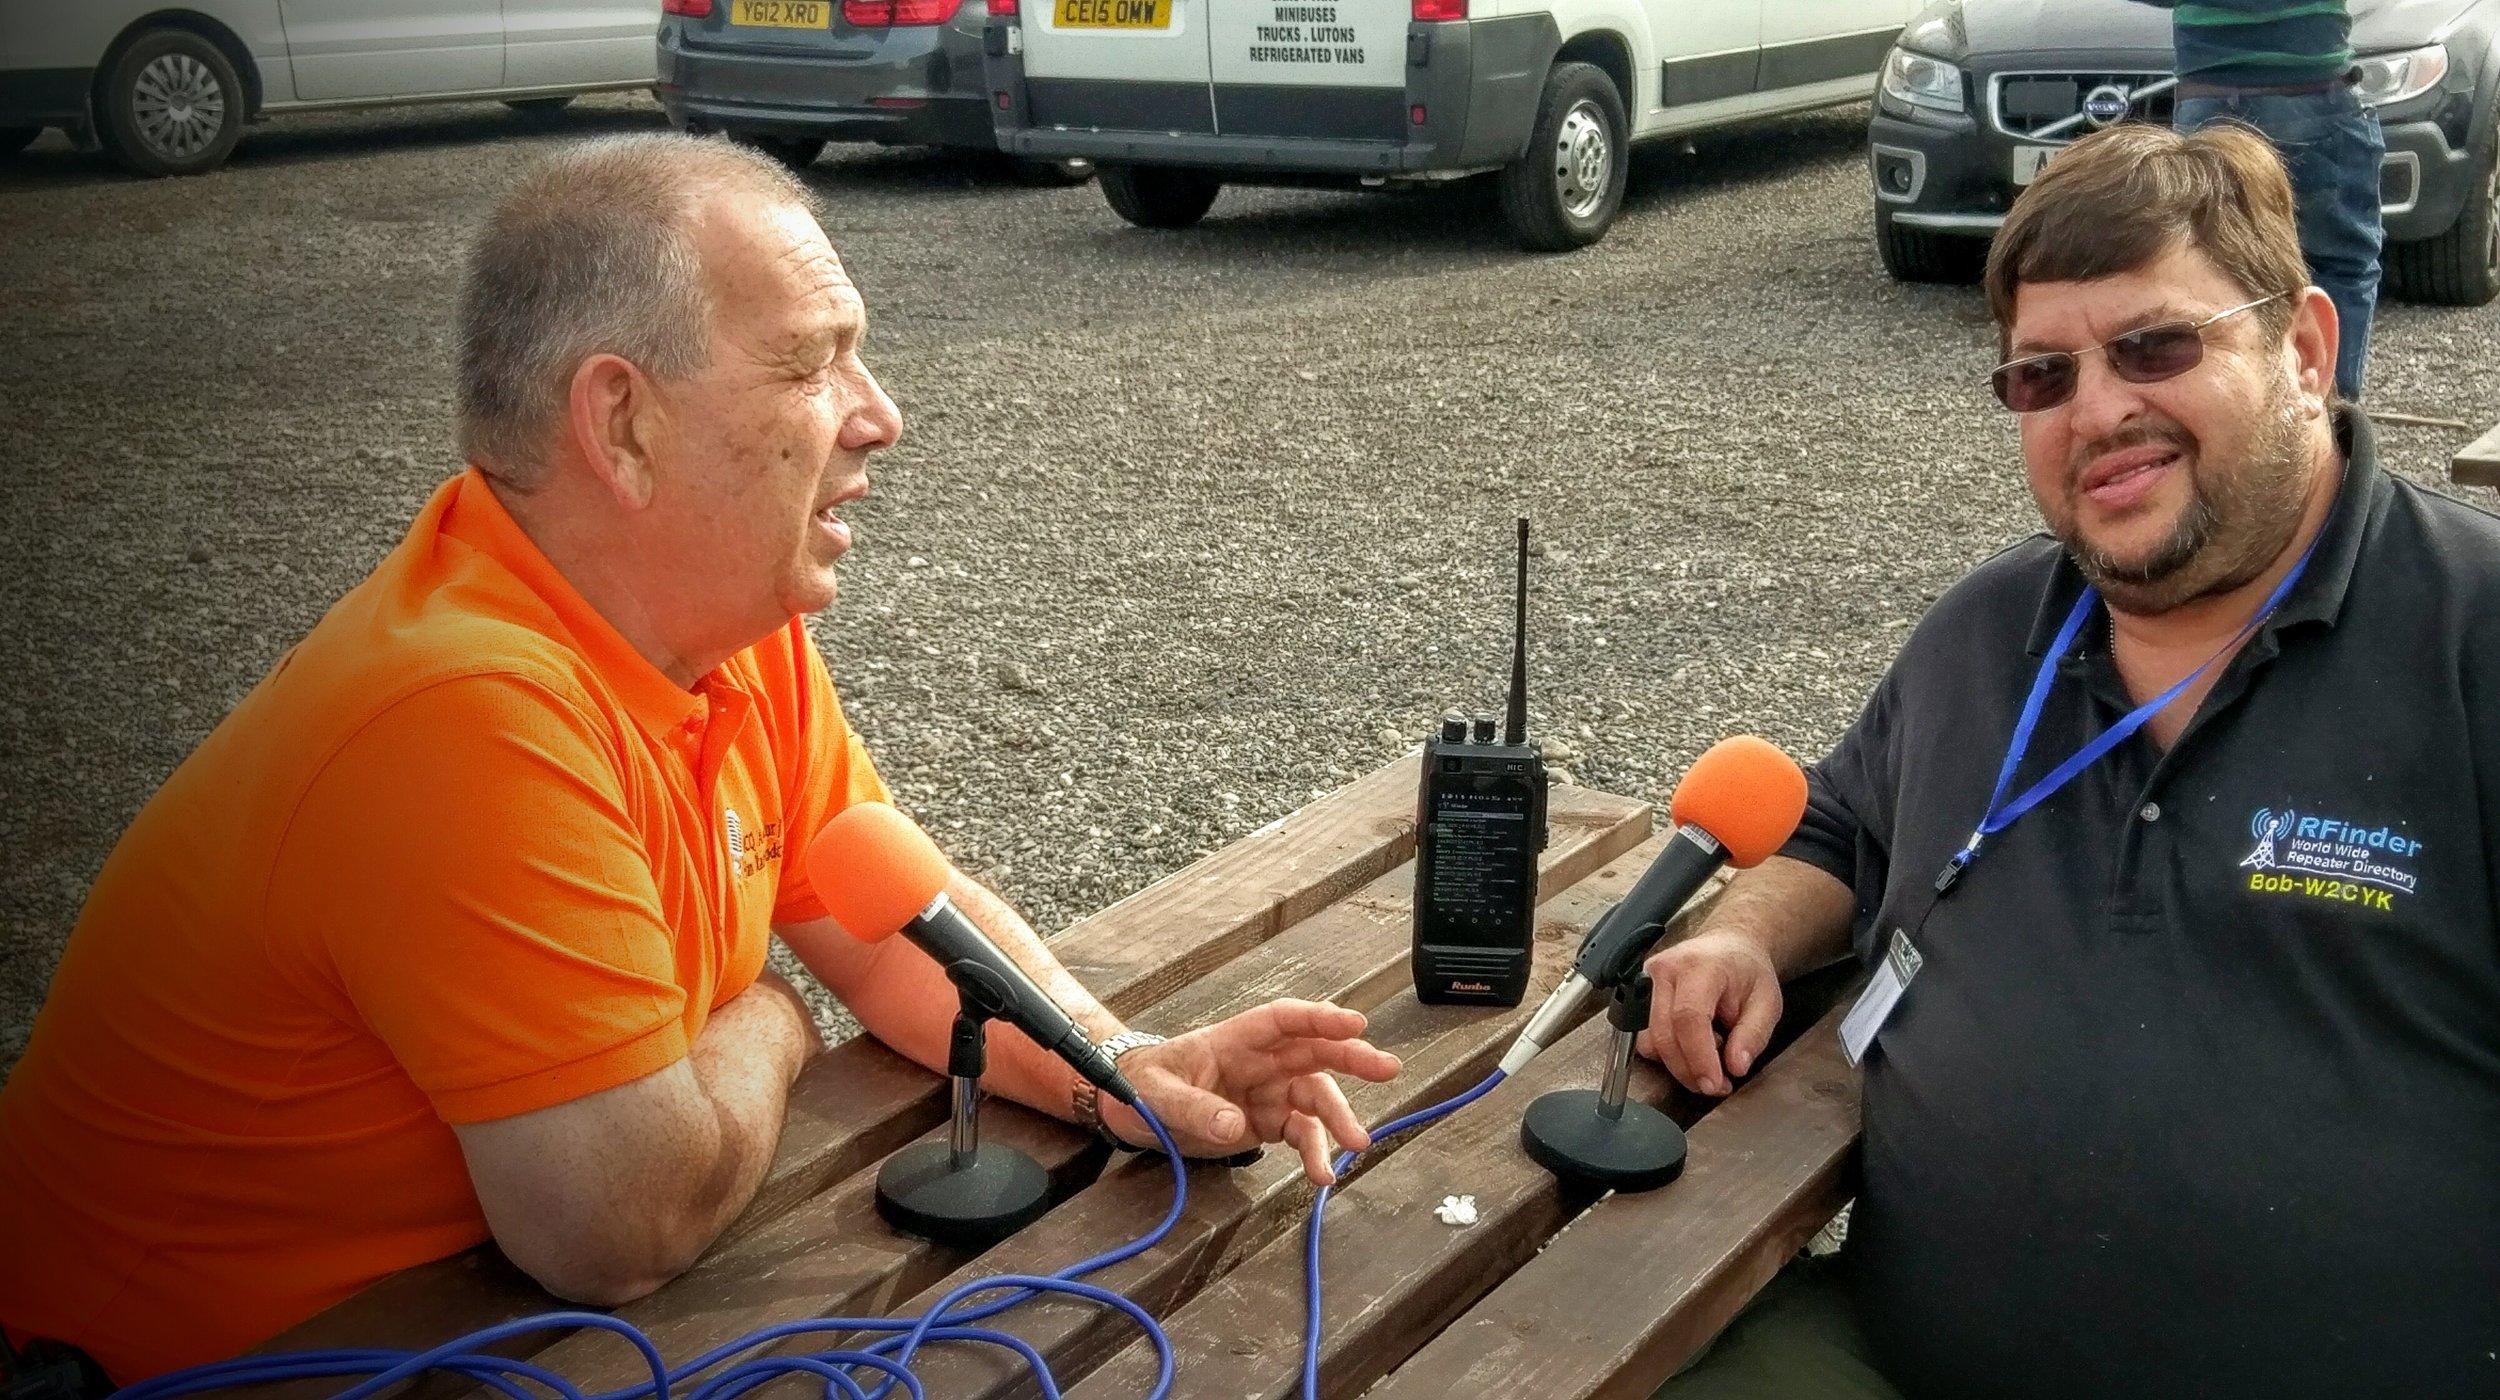 Martin Butler (M1MRB / W9ICQ) interviewing Bob W2CYK from RFinder